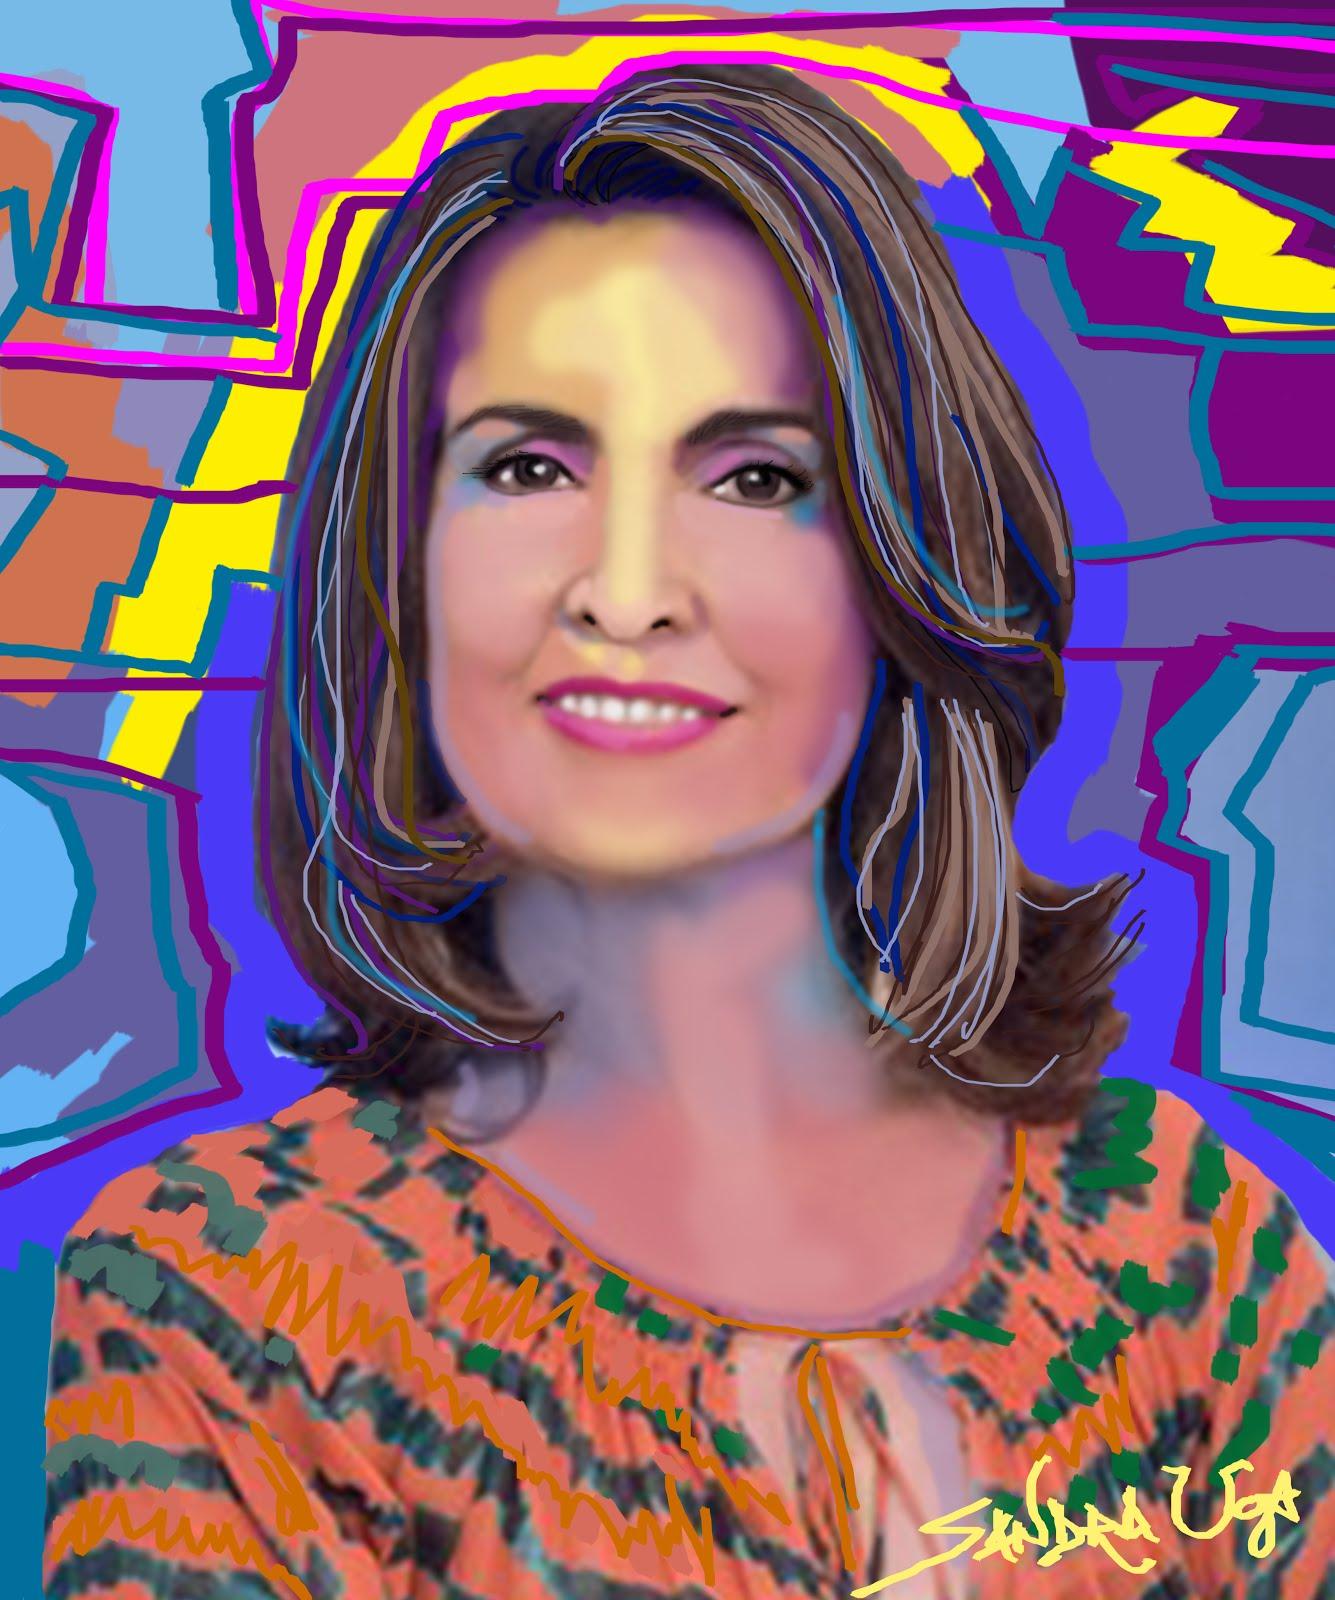 Arte-Retratos de Celebridades by Sandra Uga